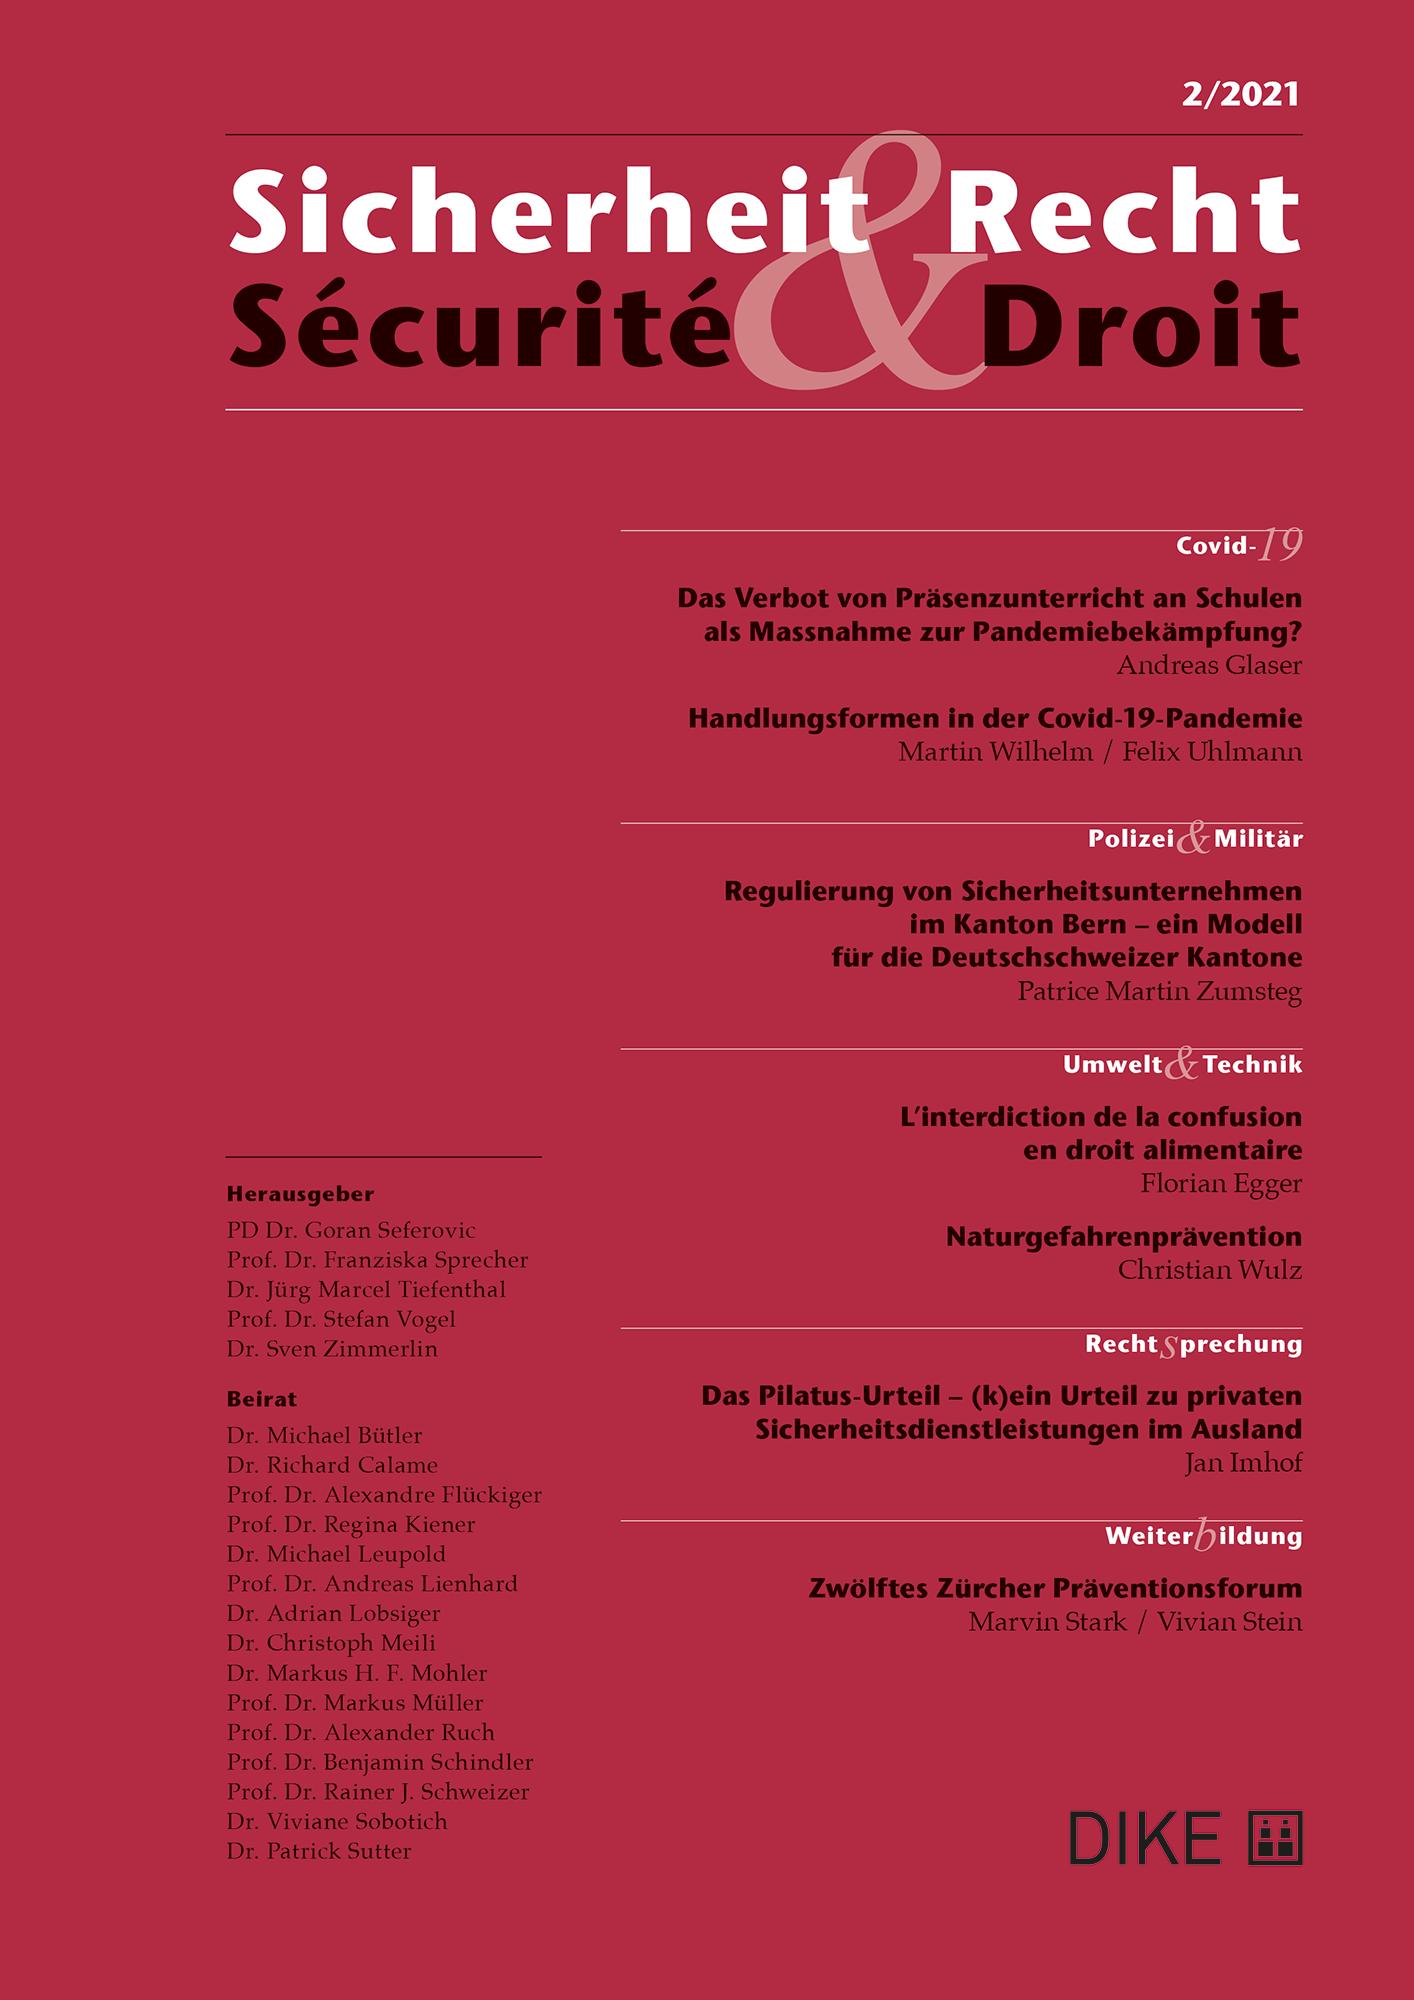 Sicherheit & Recht / Sécurité & Droit 02/2021